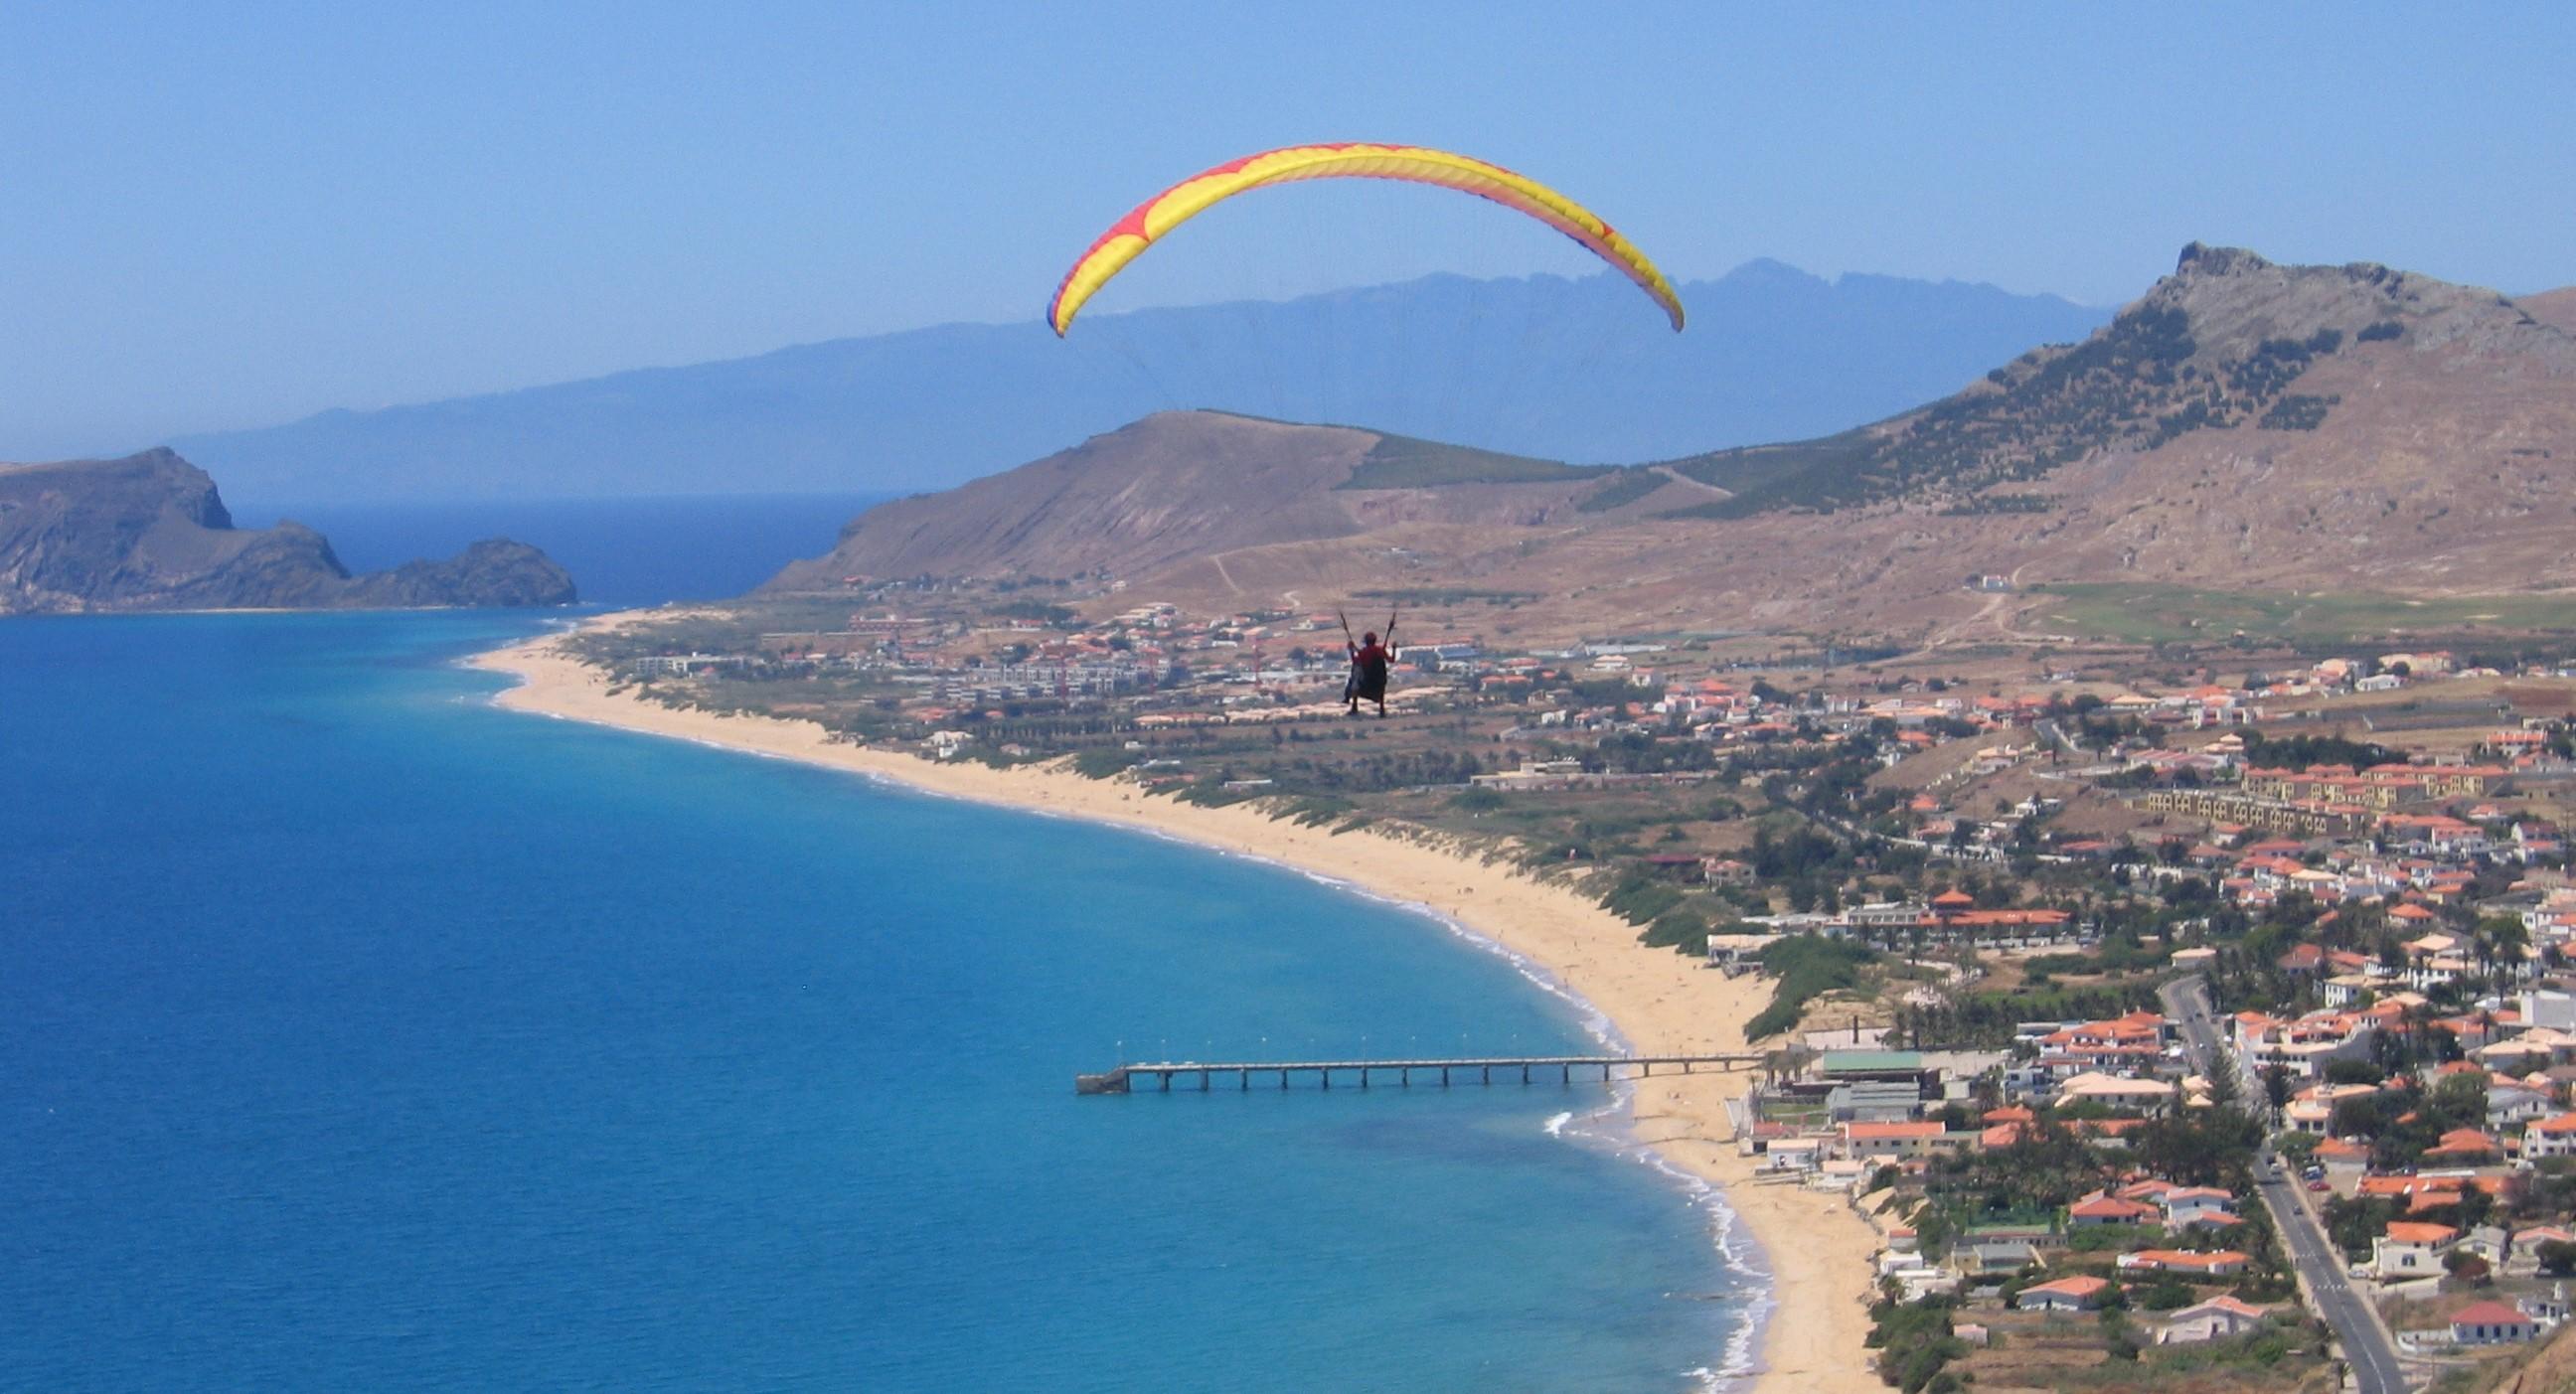 Subsídio de Mobilidade Aérea e Marítima: Porto Santo